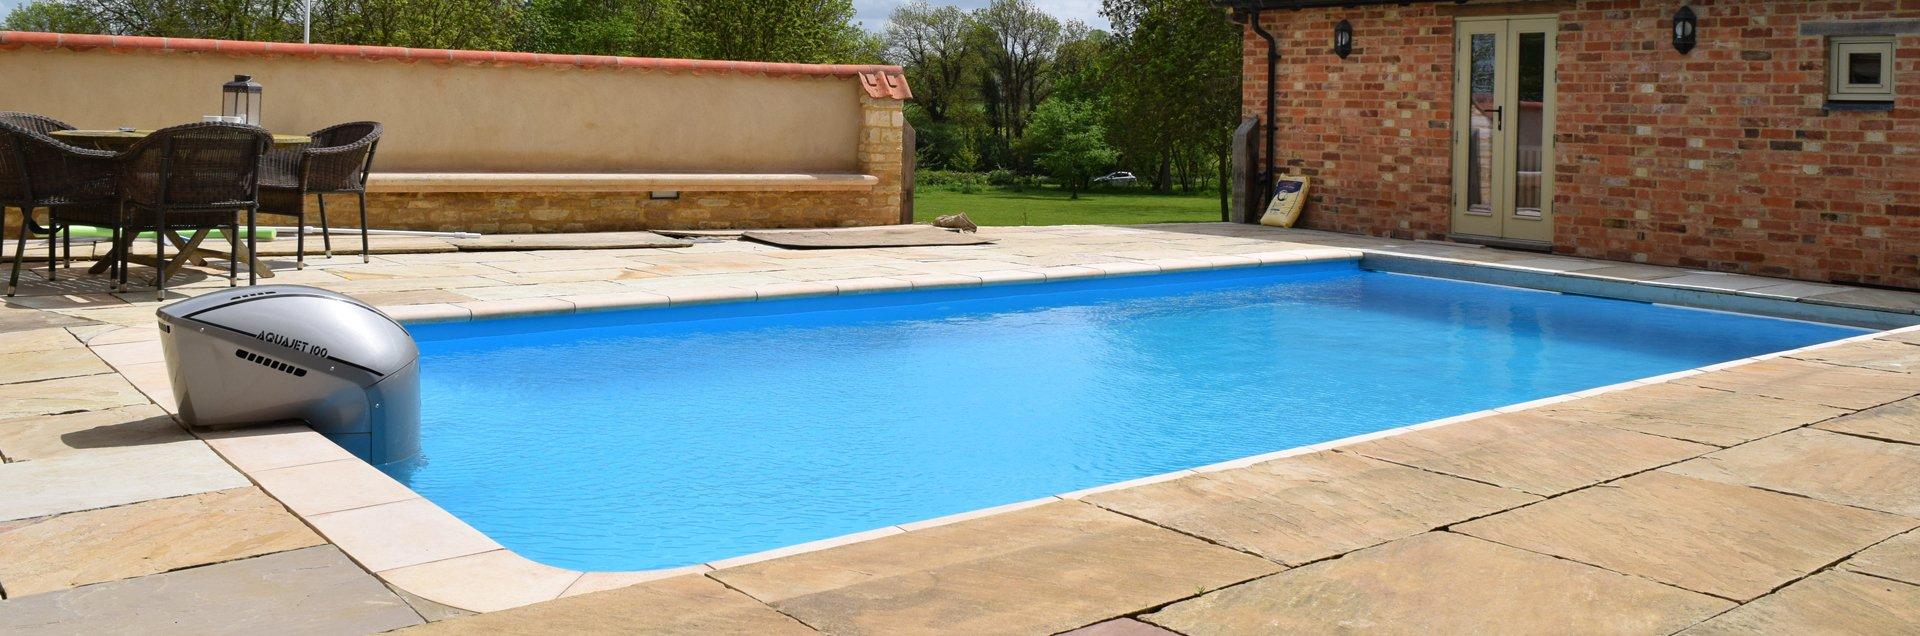 Propa pool